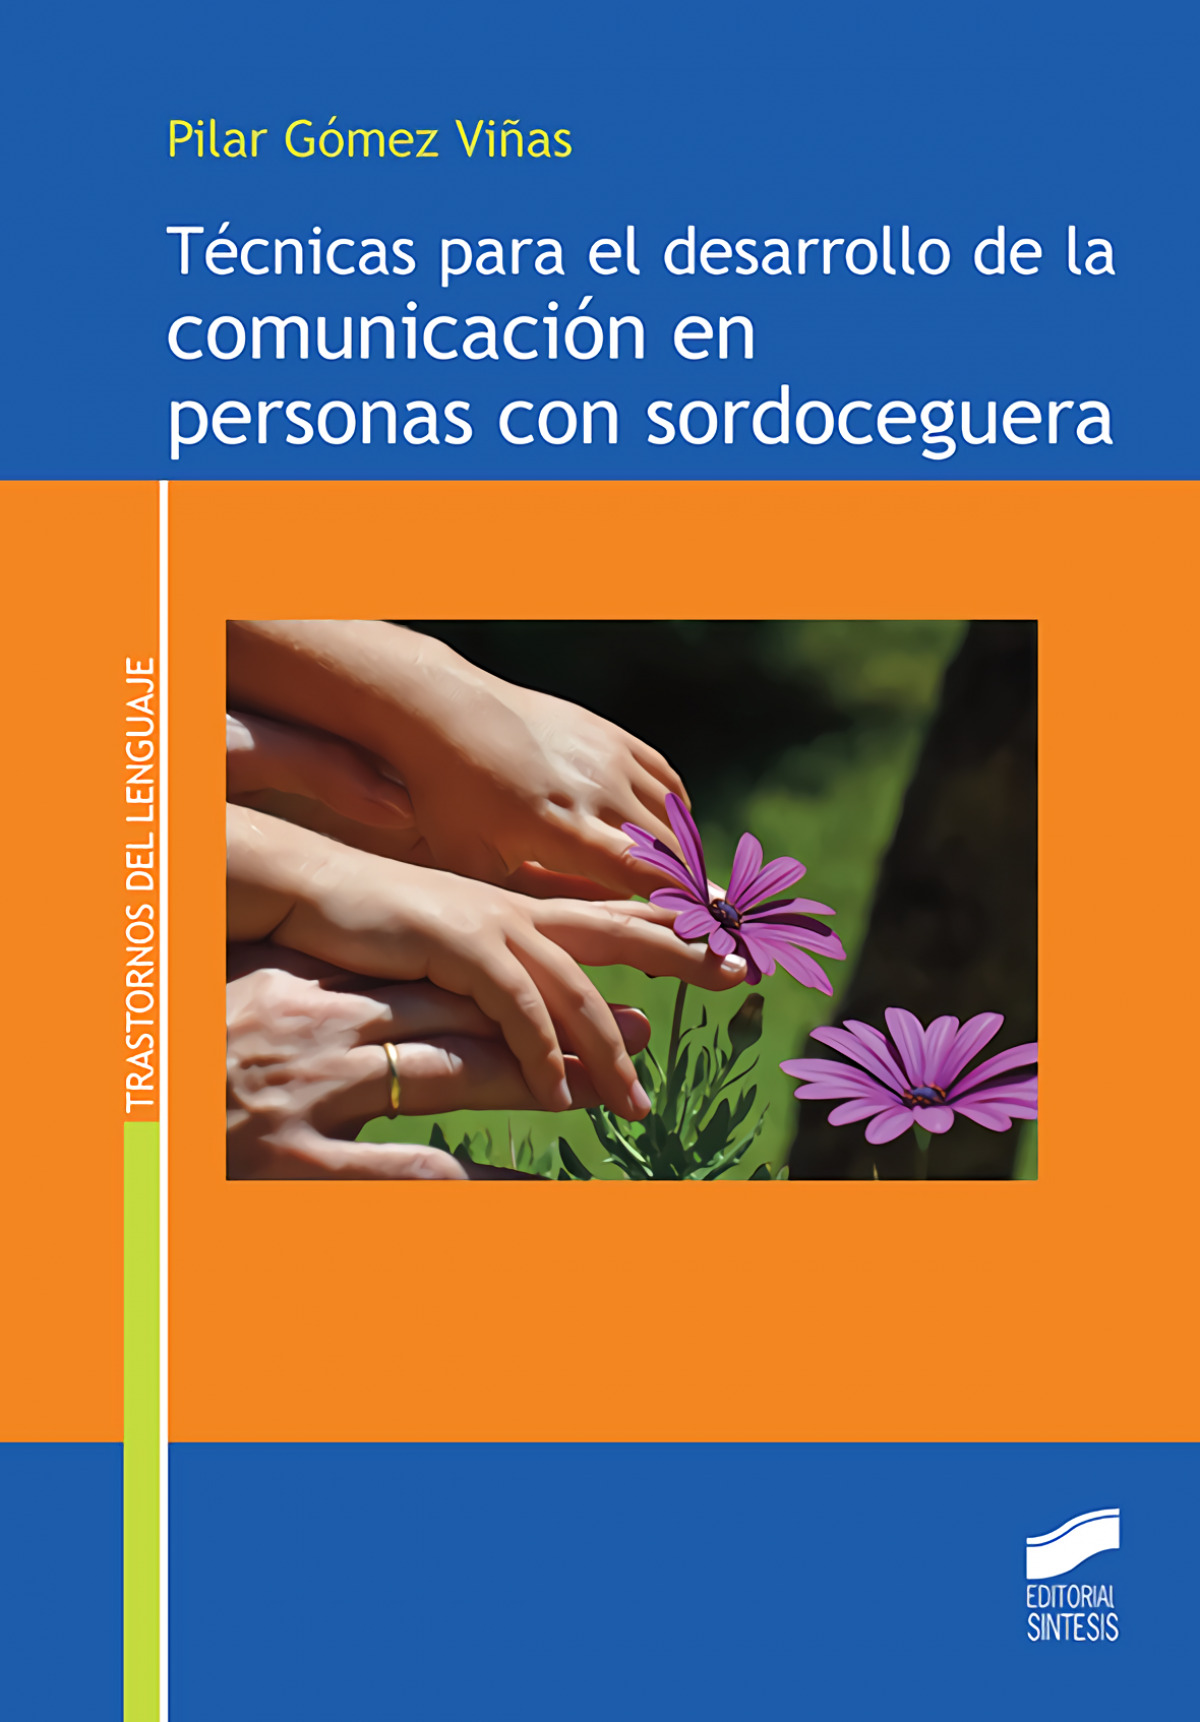 TÈCNICAS PARA EL DESARROLLO DE LA COMUNICACIÓN EN PERSONAS DE SORDOCEGUERA